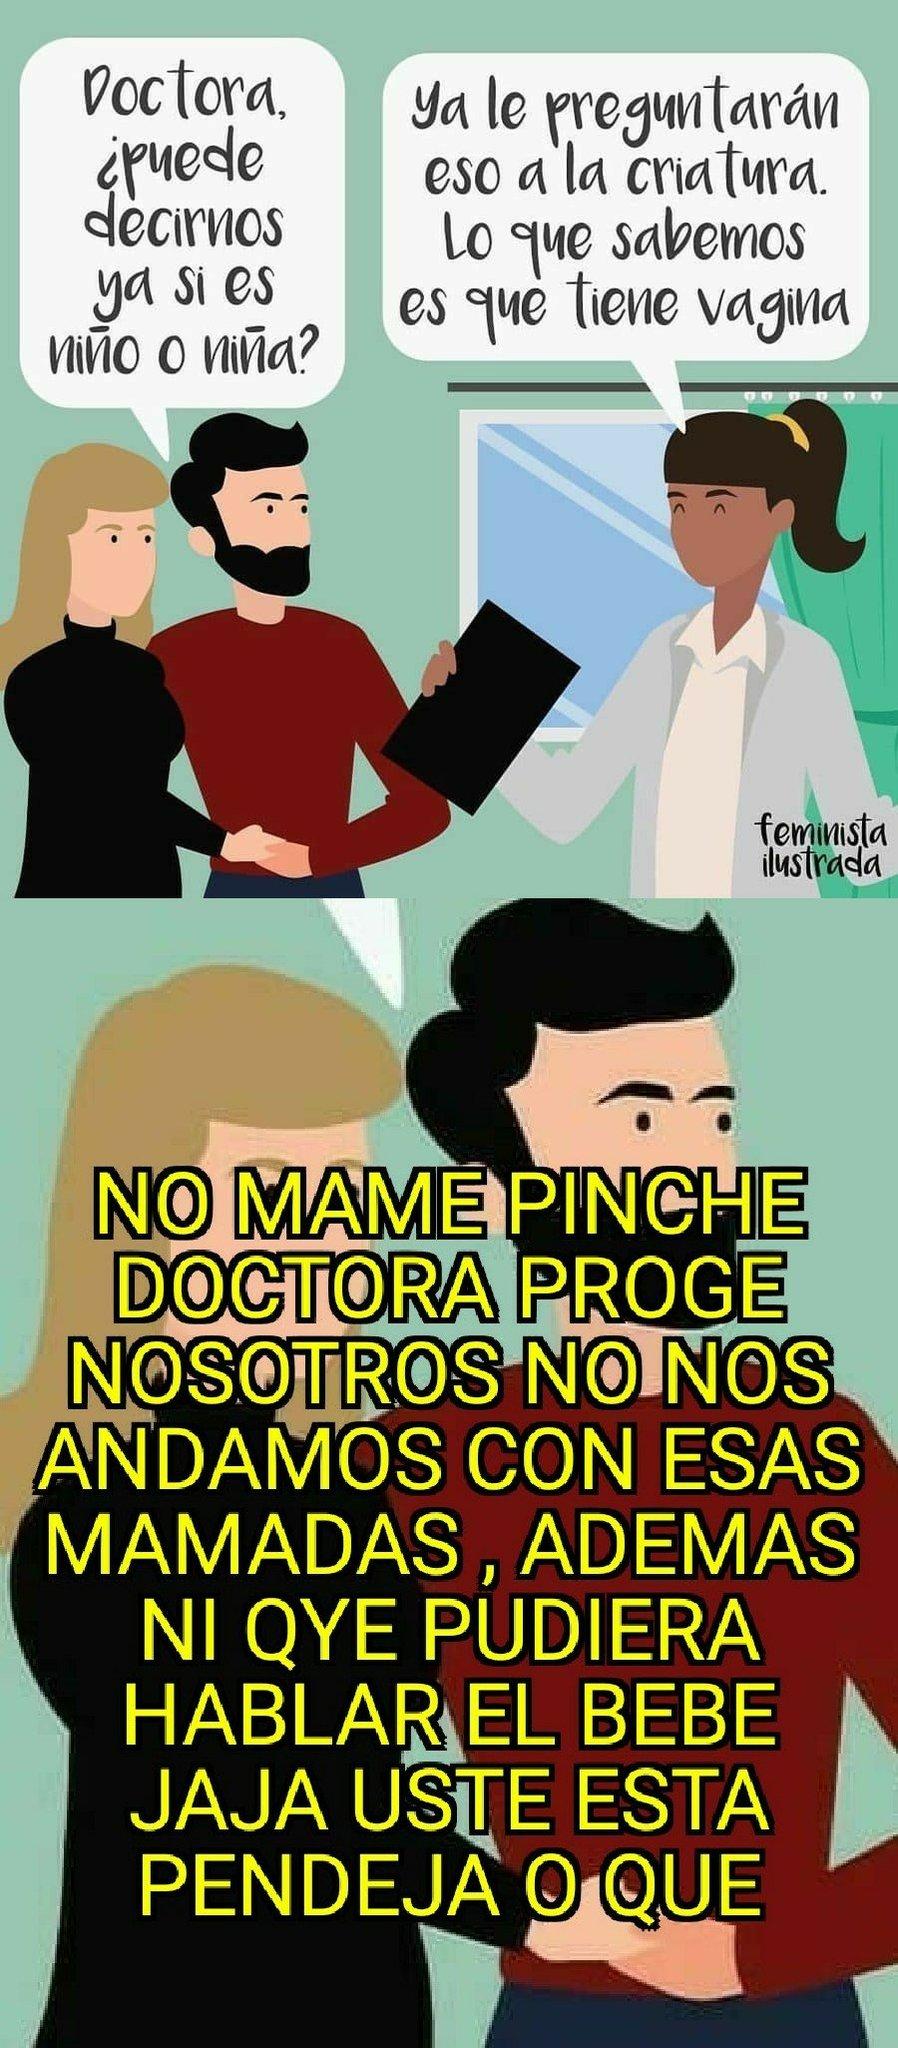 No mame doctora - meme